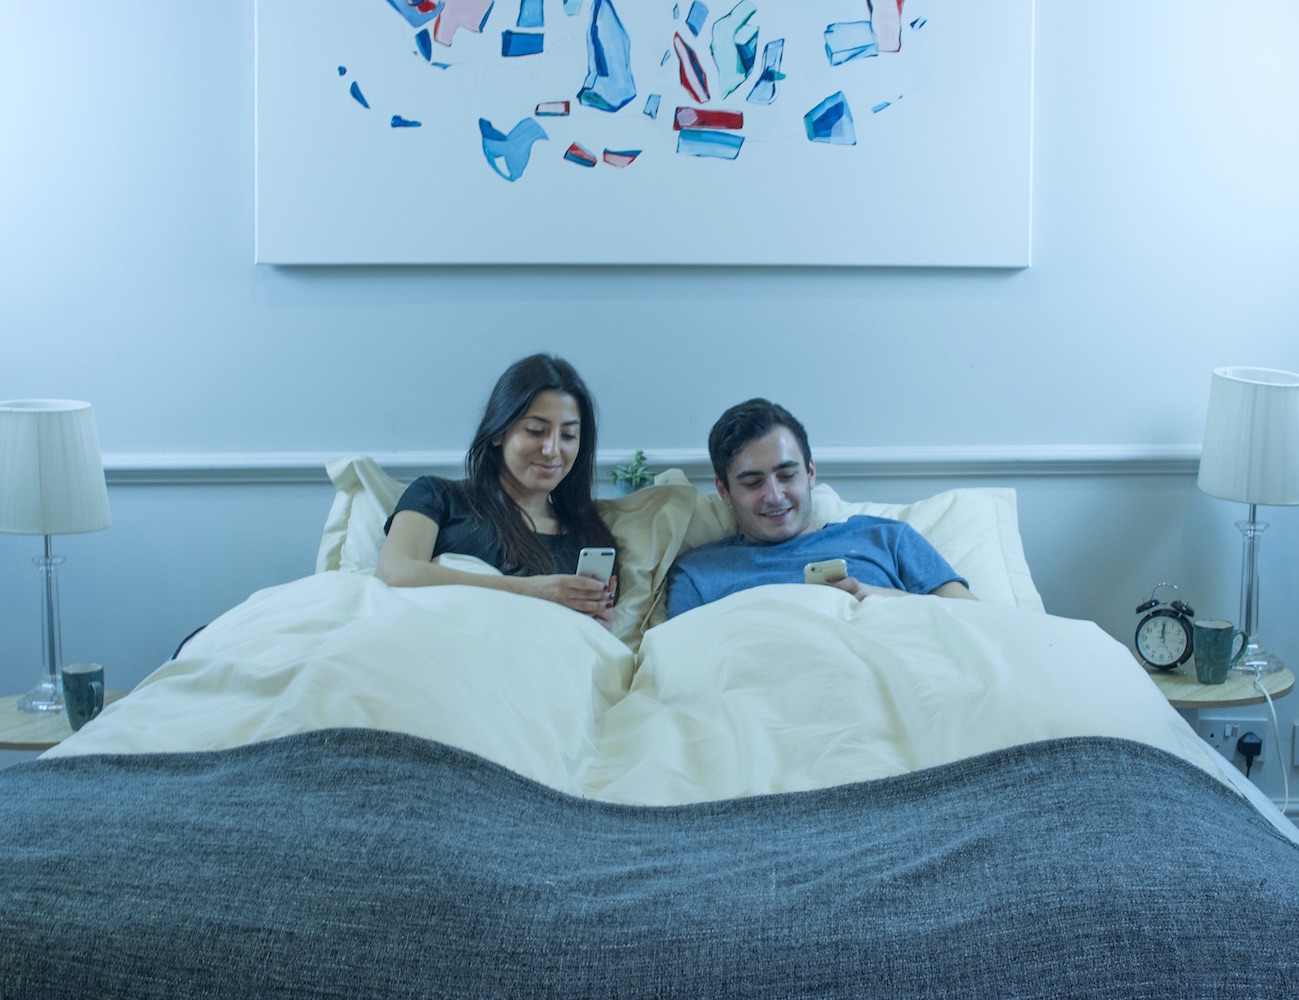 Balluga – The World's Smartest Bed